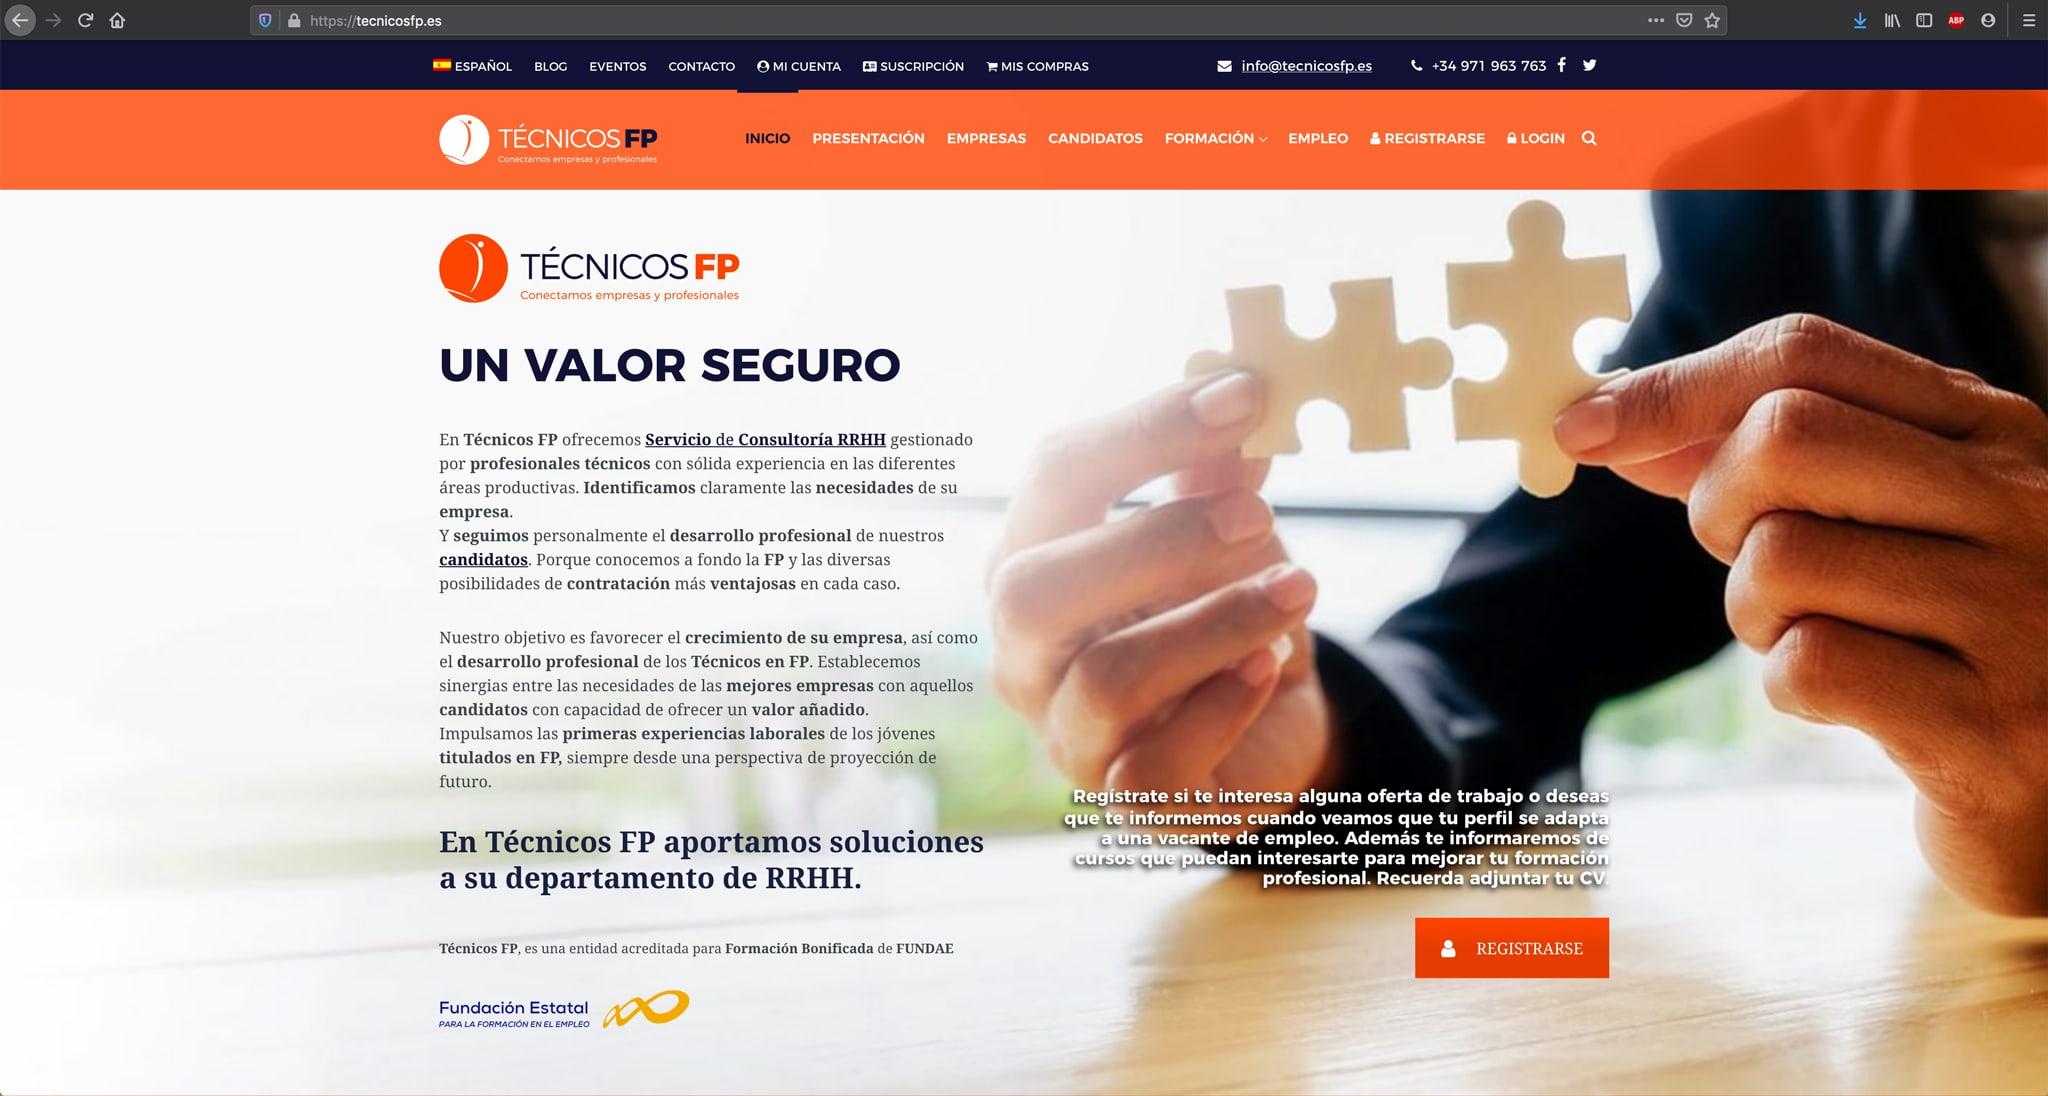 Diseño de Home para la página web de Técnicos FP